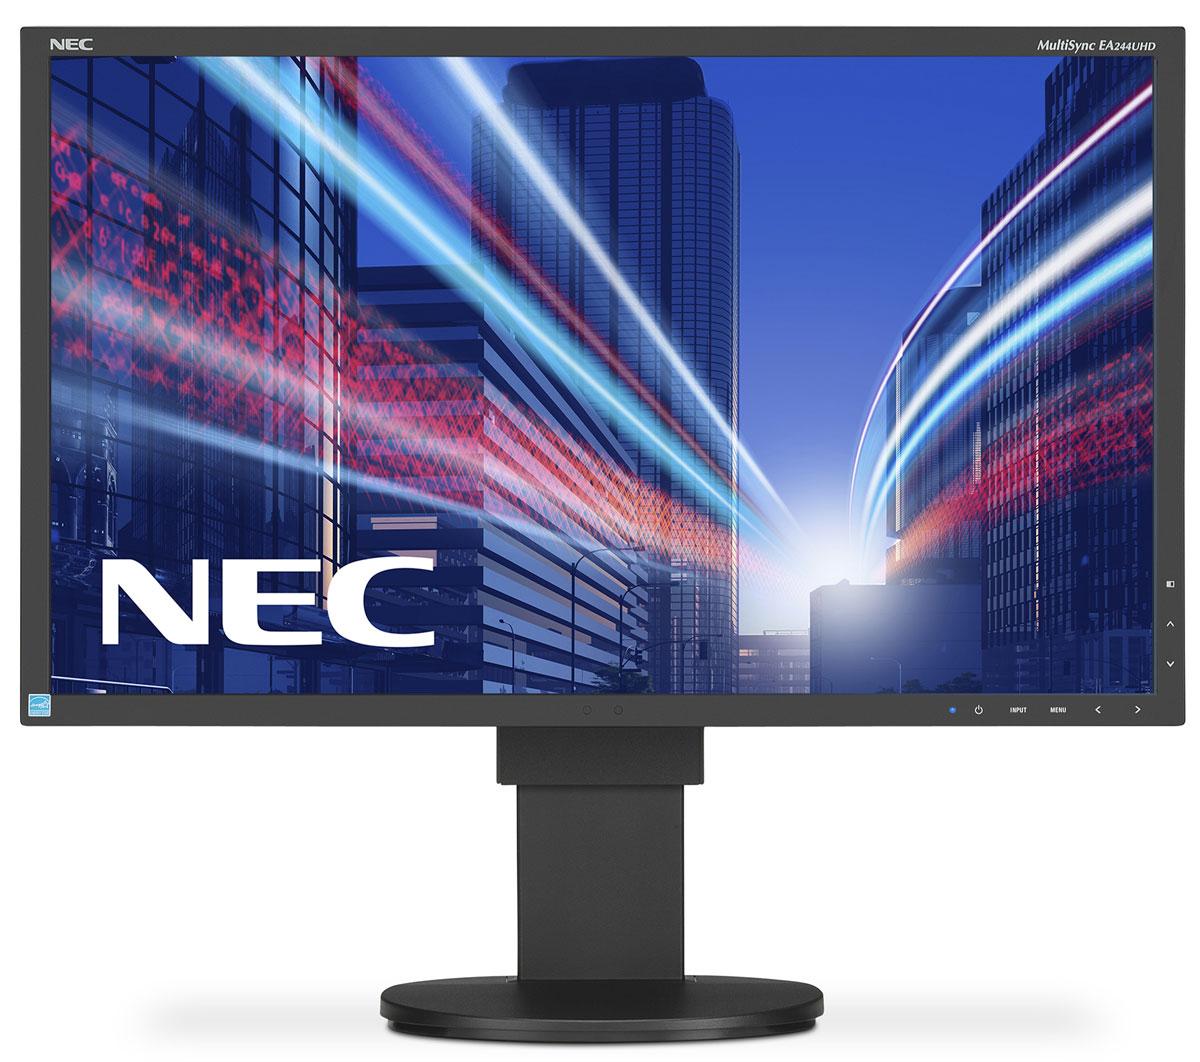 NEC EA275UHD-BK, Black монитор60003865NEC EA275UHD - это профессиональный IPS-дисплей с современным супер-разрешением 4K UHD (3840x2160) и высокой точностью воспроизведения цветов. Обладающий такими современными возможностями соединения, как HDMI и DisplayPort (UHD при 60 Гц), а также входом DVI, данный монитор может использоваться для работы с претенциозными приложениями, где принятие решения основывается на детальном, точном и надежном качестве изображения. Великолепные эргономические характеристики делают его очень удобным в обращении и улучшают профессиональную производительность. Эргономичный офис – регулировка по высоте (130 мм), возможность поворота, наклона и вращения обеспечивает удобную установку с учетом индивидуальных требований пользователя. Датчик присутствия - определяет присутствие человека перед экраном, автоматически включает или выключает экран в зависимости от присутствия или отсутствия пользователя. Универсальные возможности подключения – DVI-D, DP,...